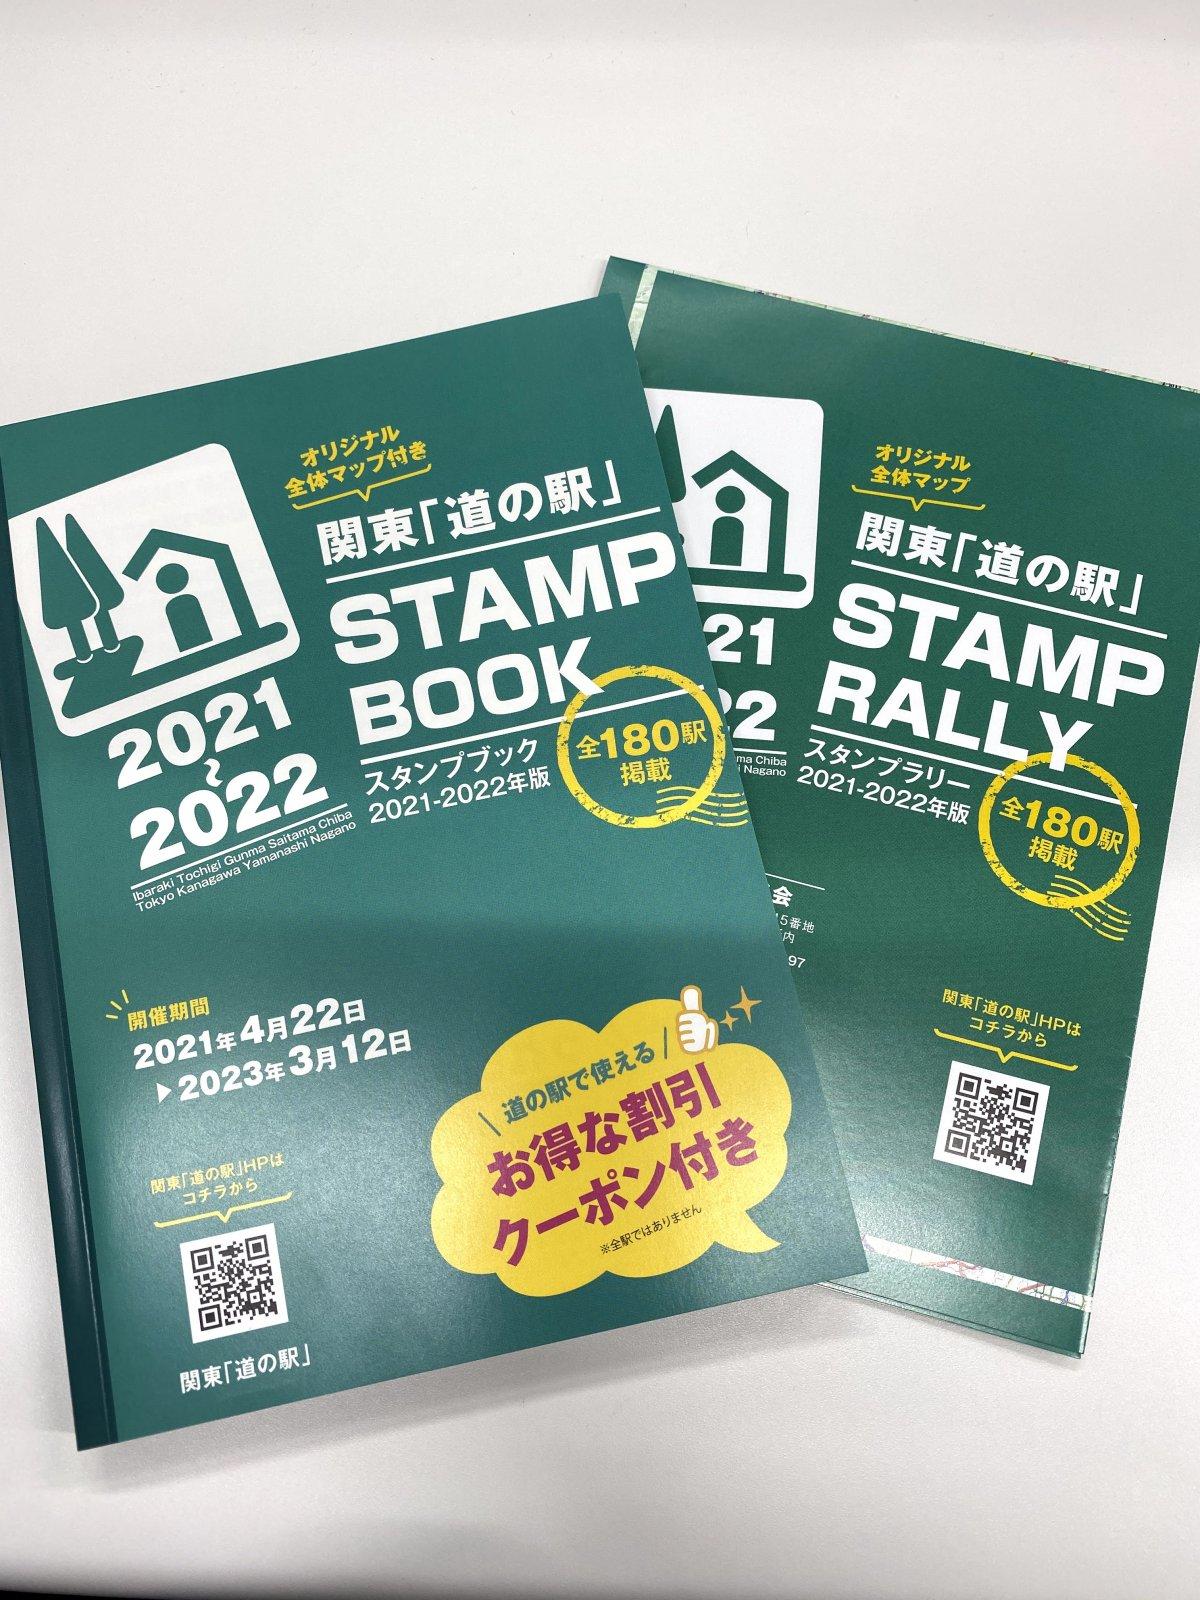 2021~2022年版関東「道の駅」スタンプブック販売開始